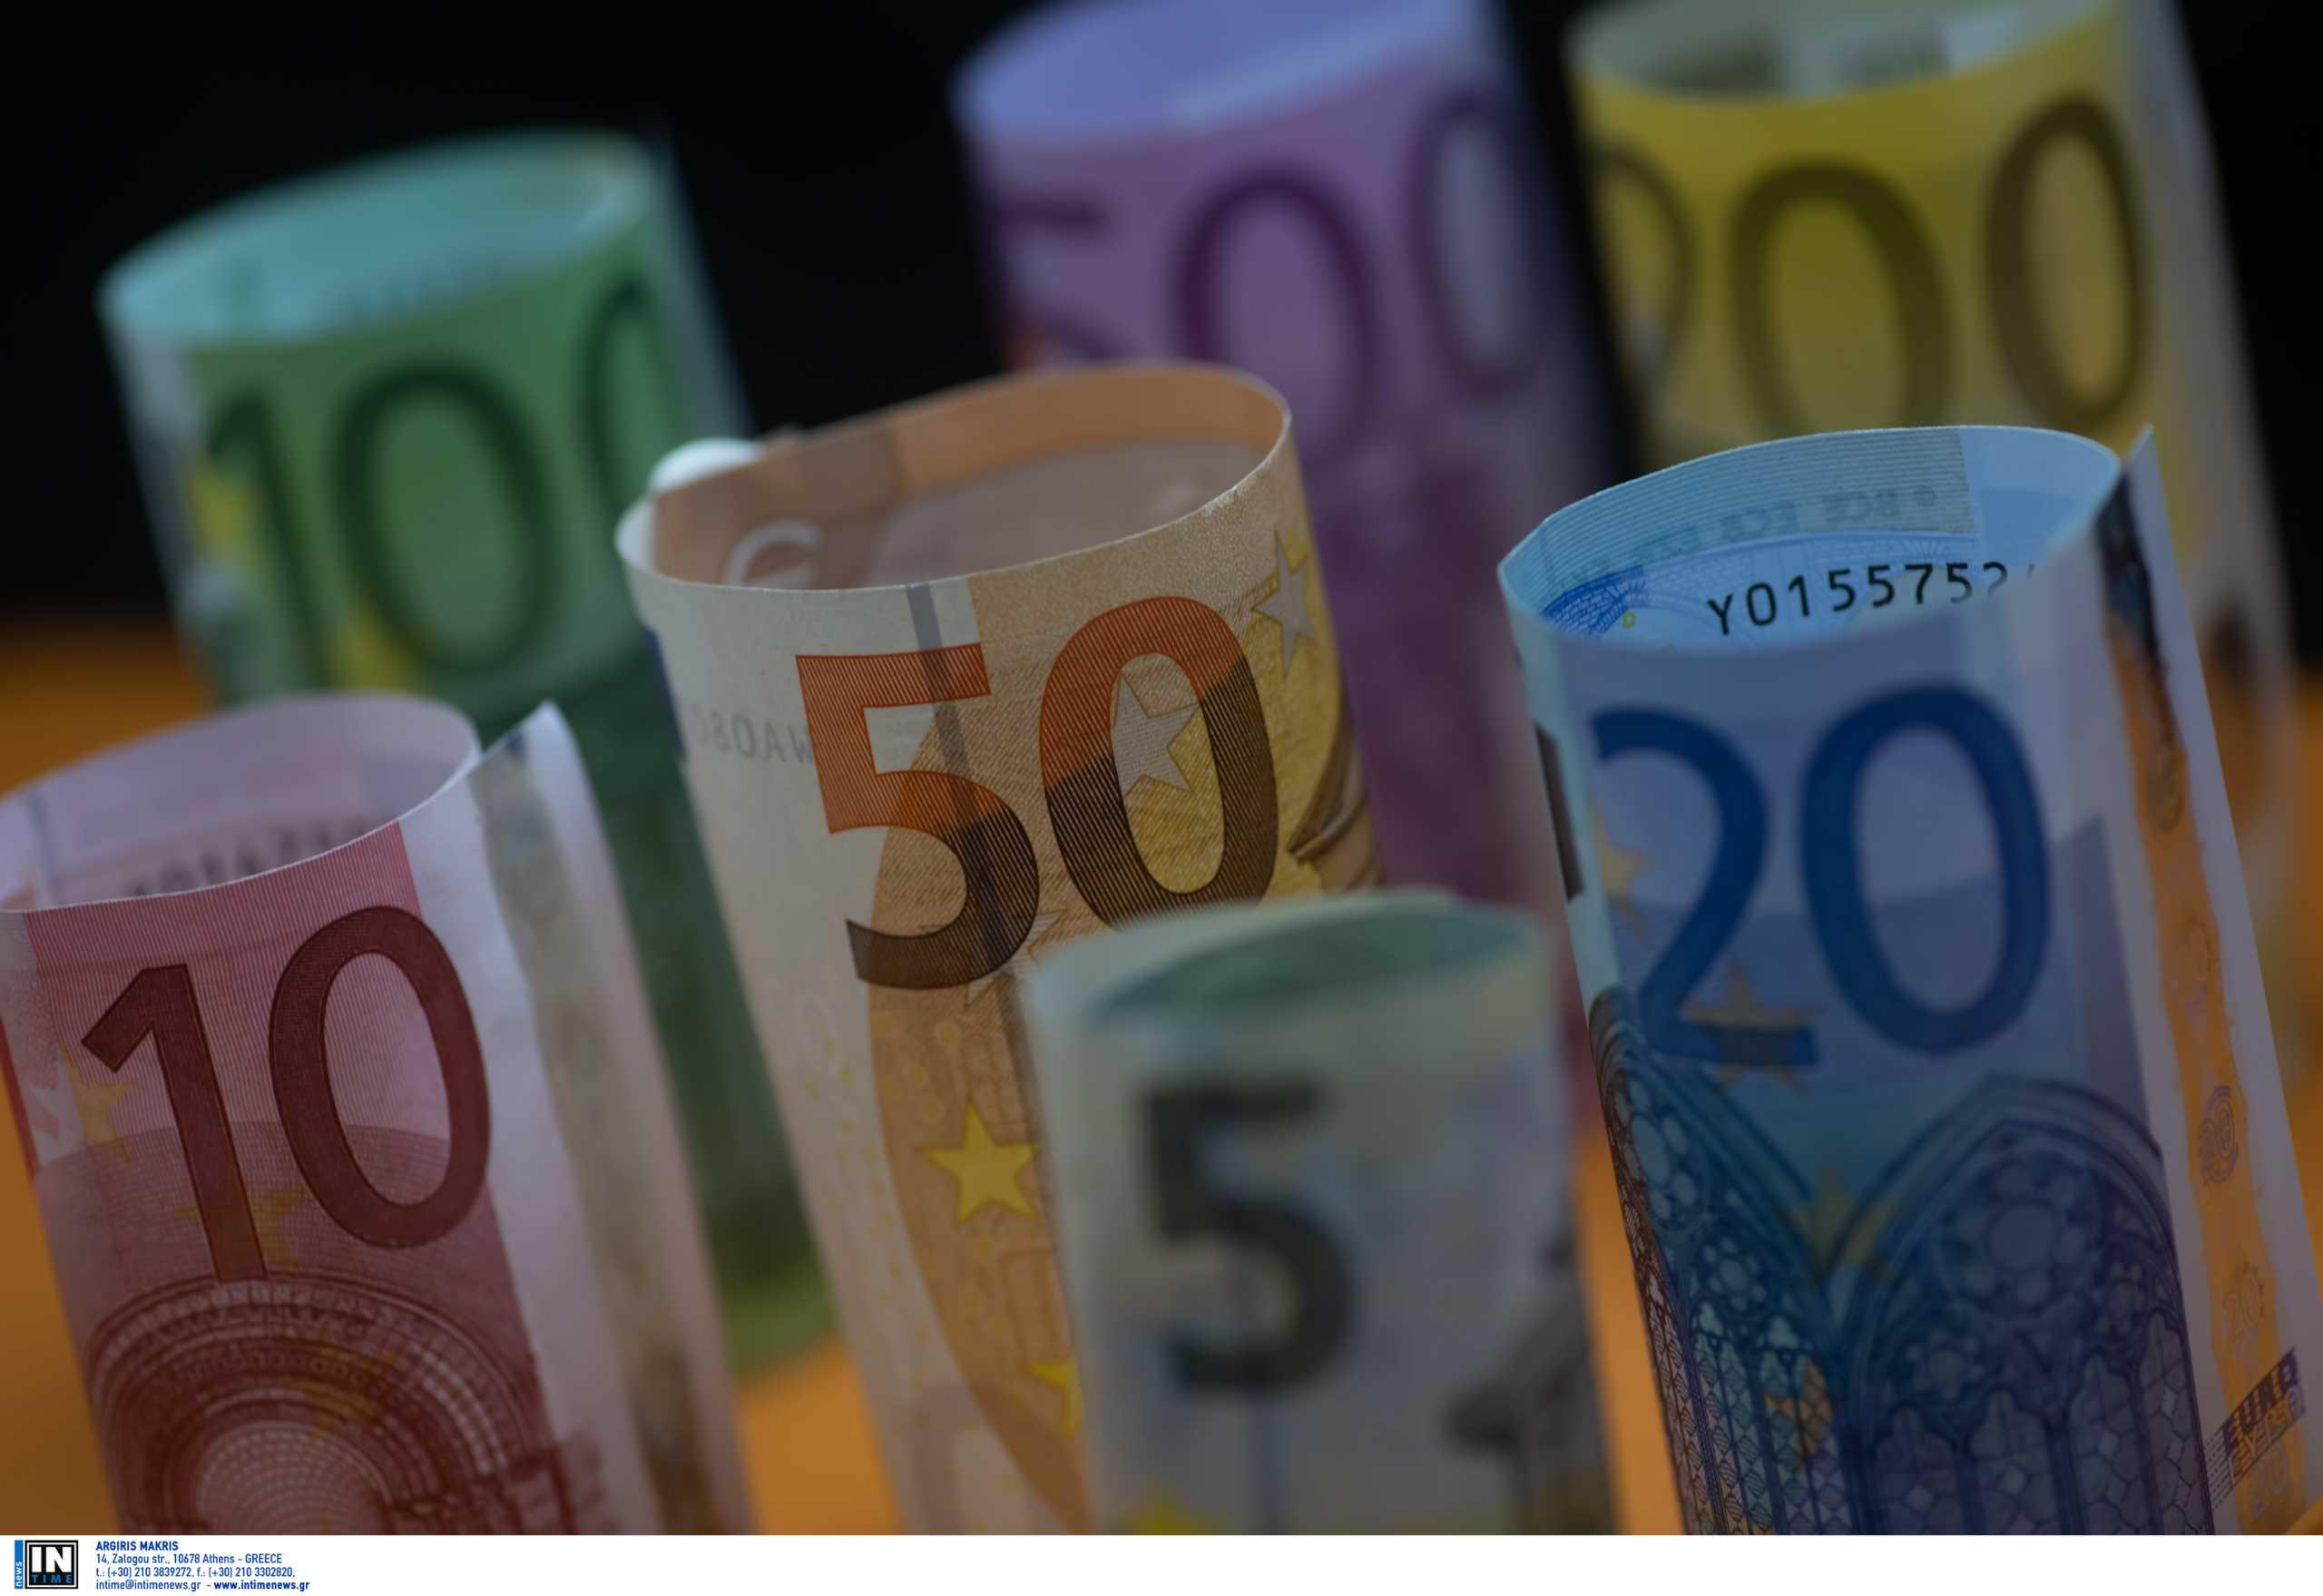 Ελληνικά ομόλογα: Αποδόσεις 39% τα τελευταία δύο χρόνια και 120% την τελευταία πενταετία